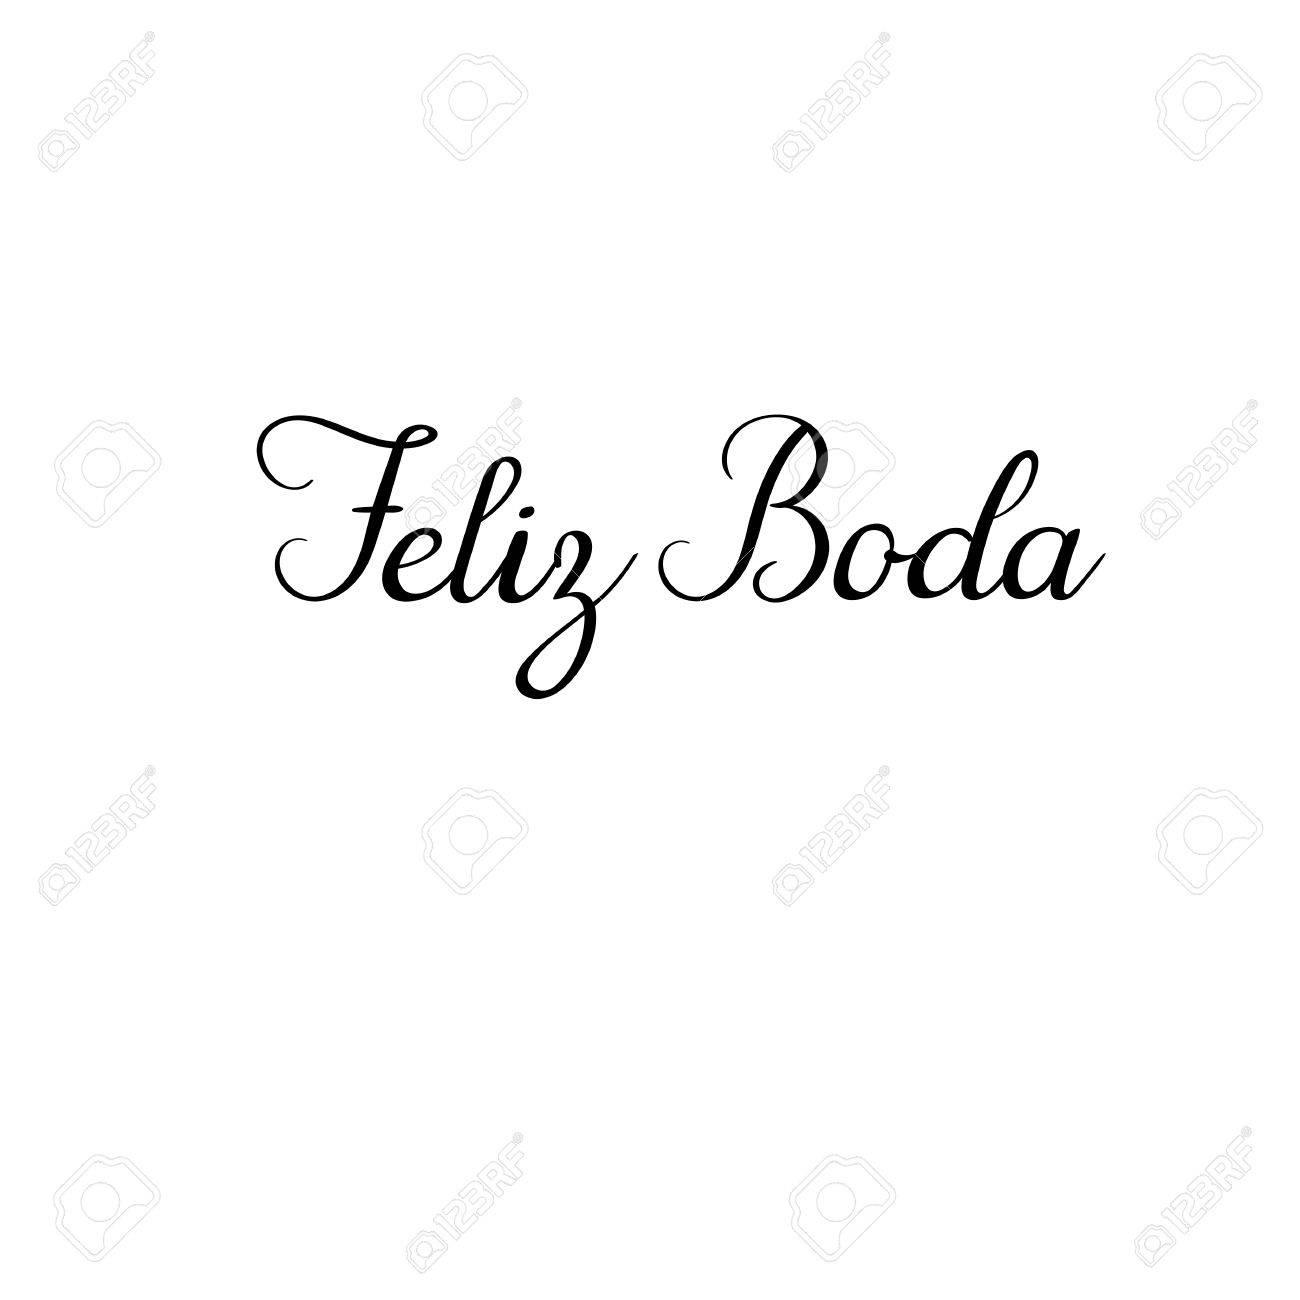 Feliz Boda En Español Feliz Boda Tarjeta De Felicitación De Las Letras De La Mano Caligrafía Moderna Decoración De La Boda Inscripción Manuscrita